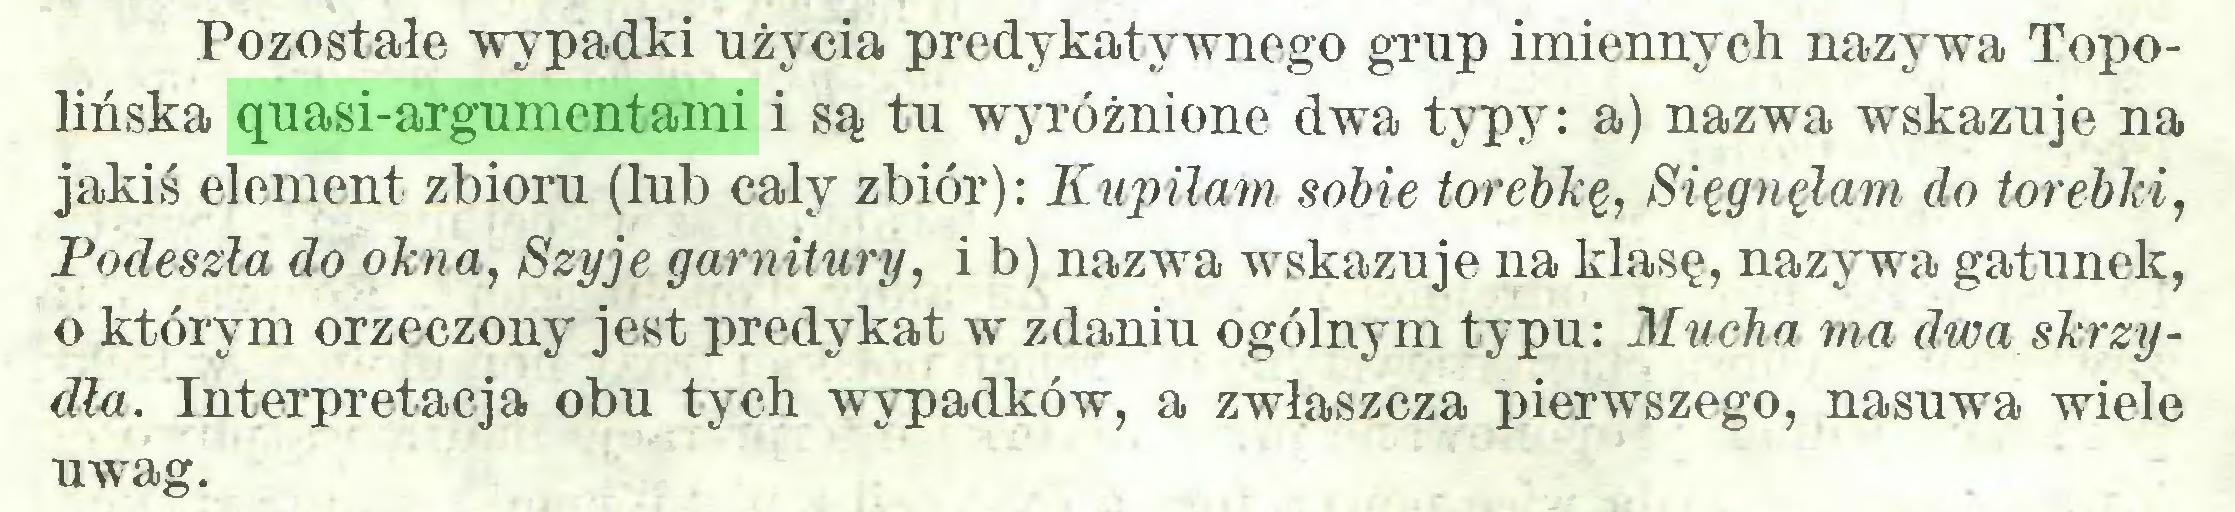 (...) Pozostałe wypadki użycia predykatywnego grup imiennych nazywa Topołióska quasi-argumentami i są tu wyróżnione dwa typy: a) nazwa wskazuje na jakiś element zbioru (lub cały zbiór): Kupiłam sobie torebkę, Sięgnęłam do torebki, Podeszła do okna, Szyje garnitury, i b) nazwa wskazuje na klasę, nazywa gatunek, o którym orzeczony jest predykat w zdaniu ogólnym typu: Mucha ma dwa skrzydła. Interpretacja obu tych wypadków, a zwłaszcza pierwszego, nasuwa wiele uwag...